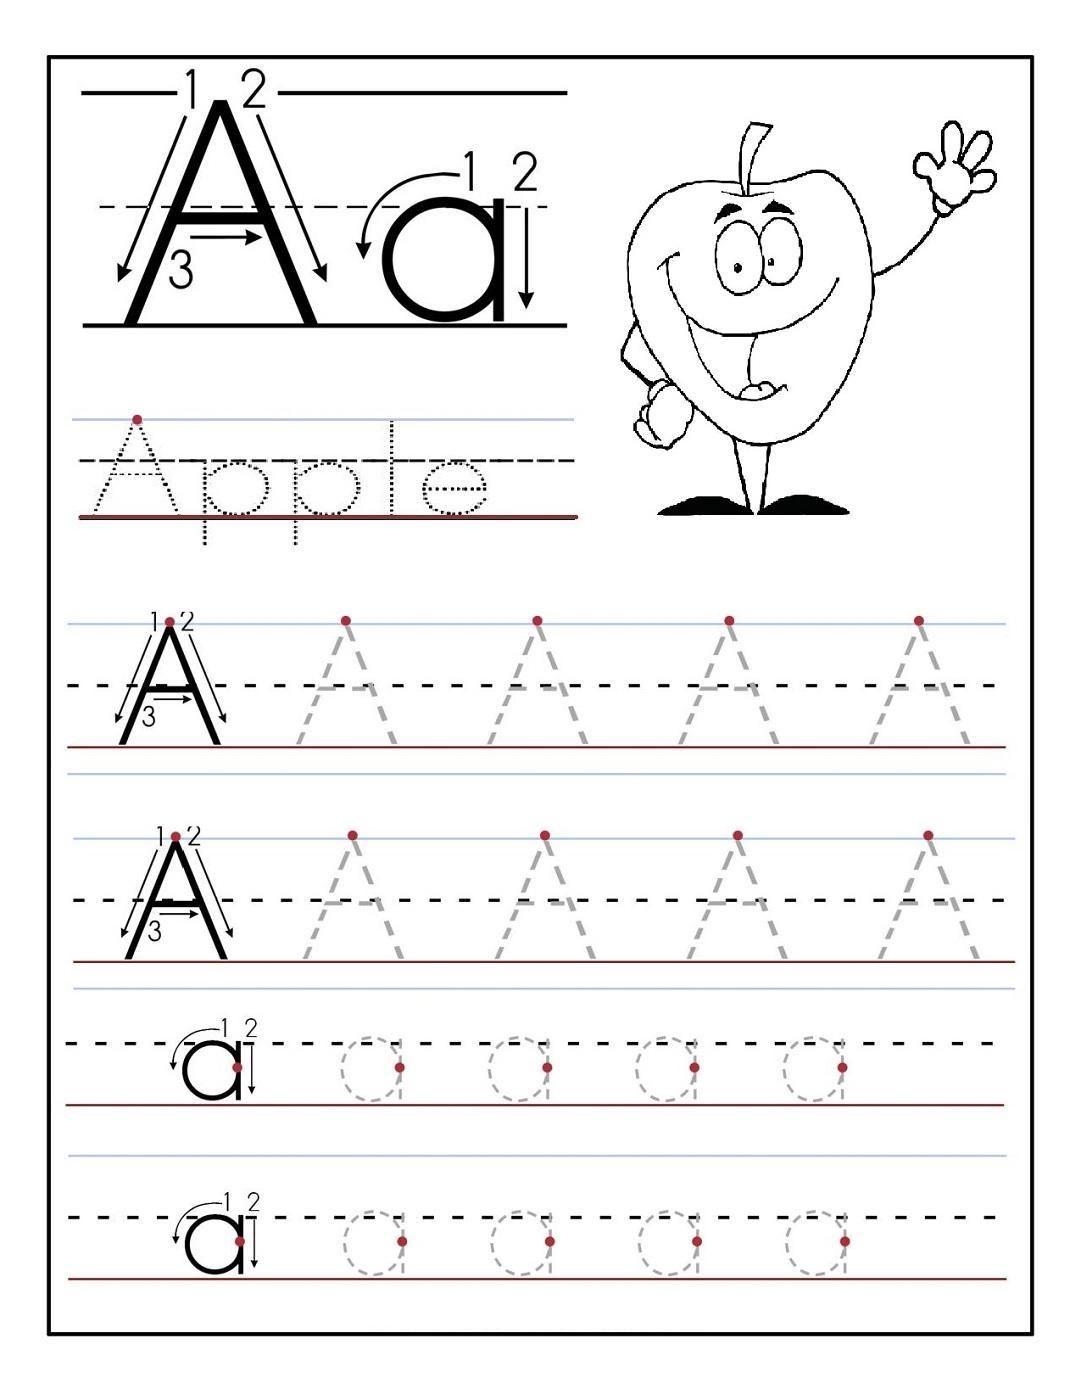 16 Preschool Letter Recognition Worksheets Tracing Worksheets Preschool Alphabet Worksheets Free Alphabet Tracing Worksheets [ 1400 x 1081 Pixel ]